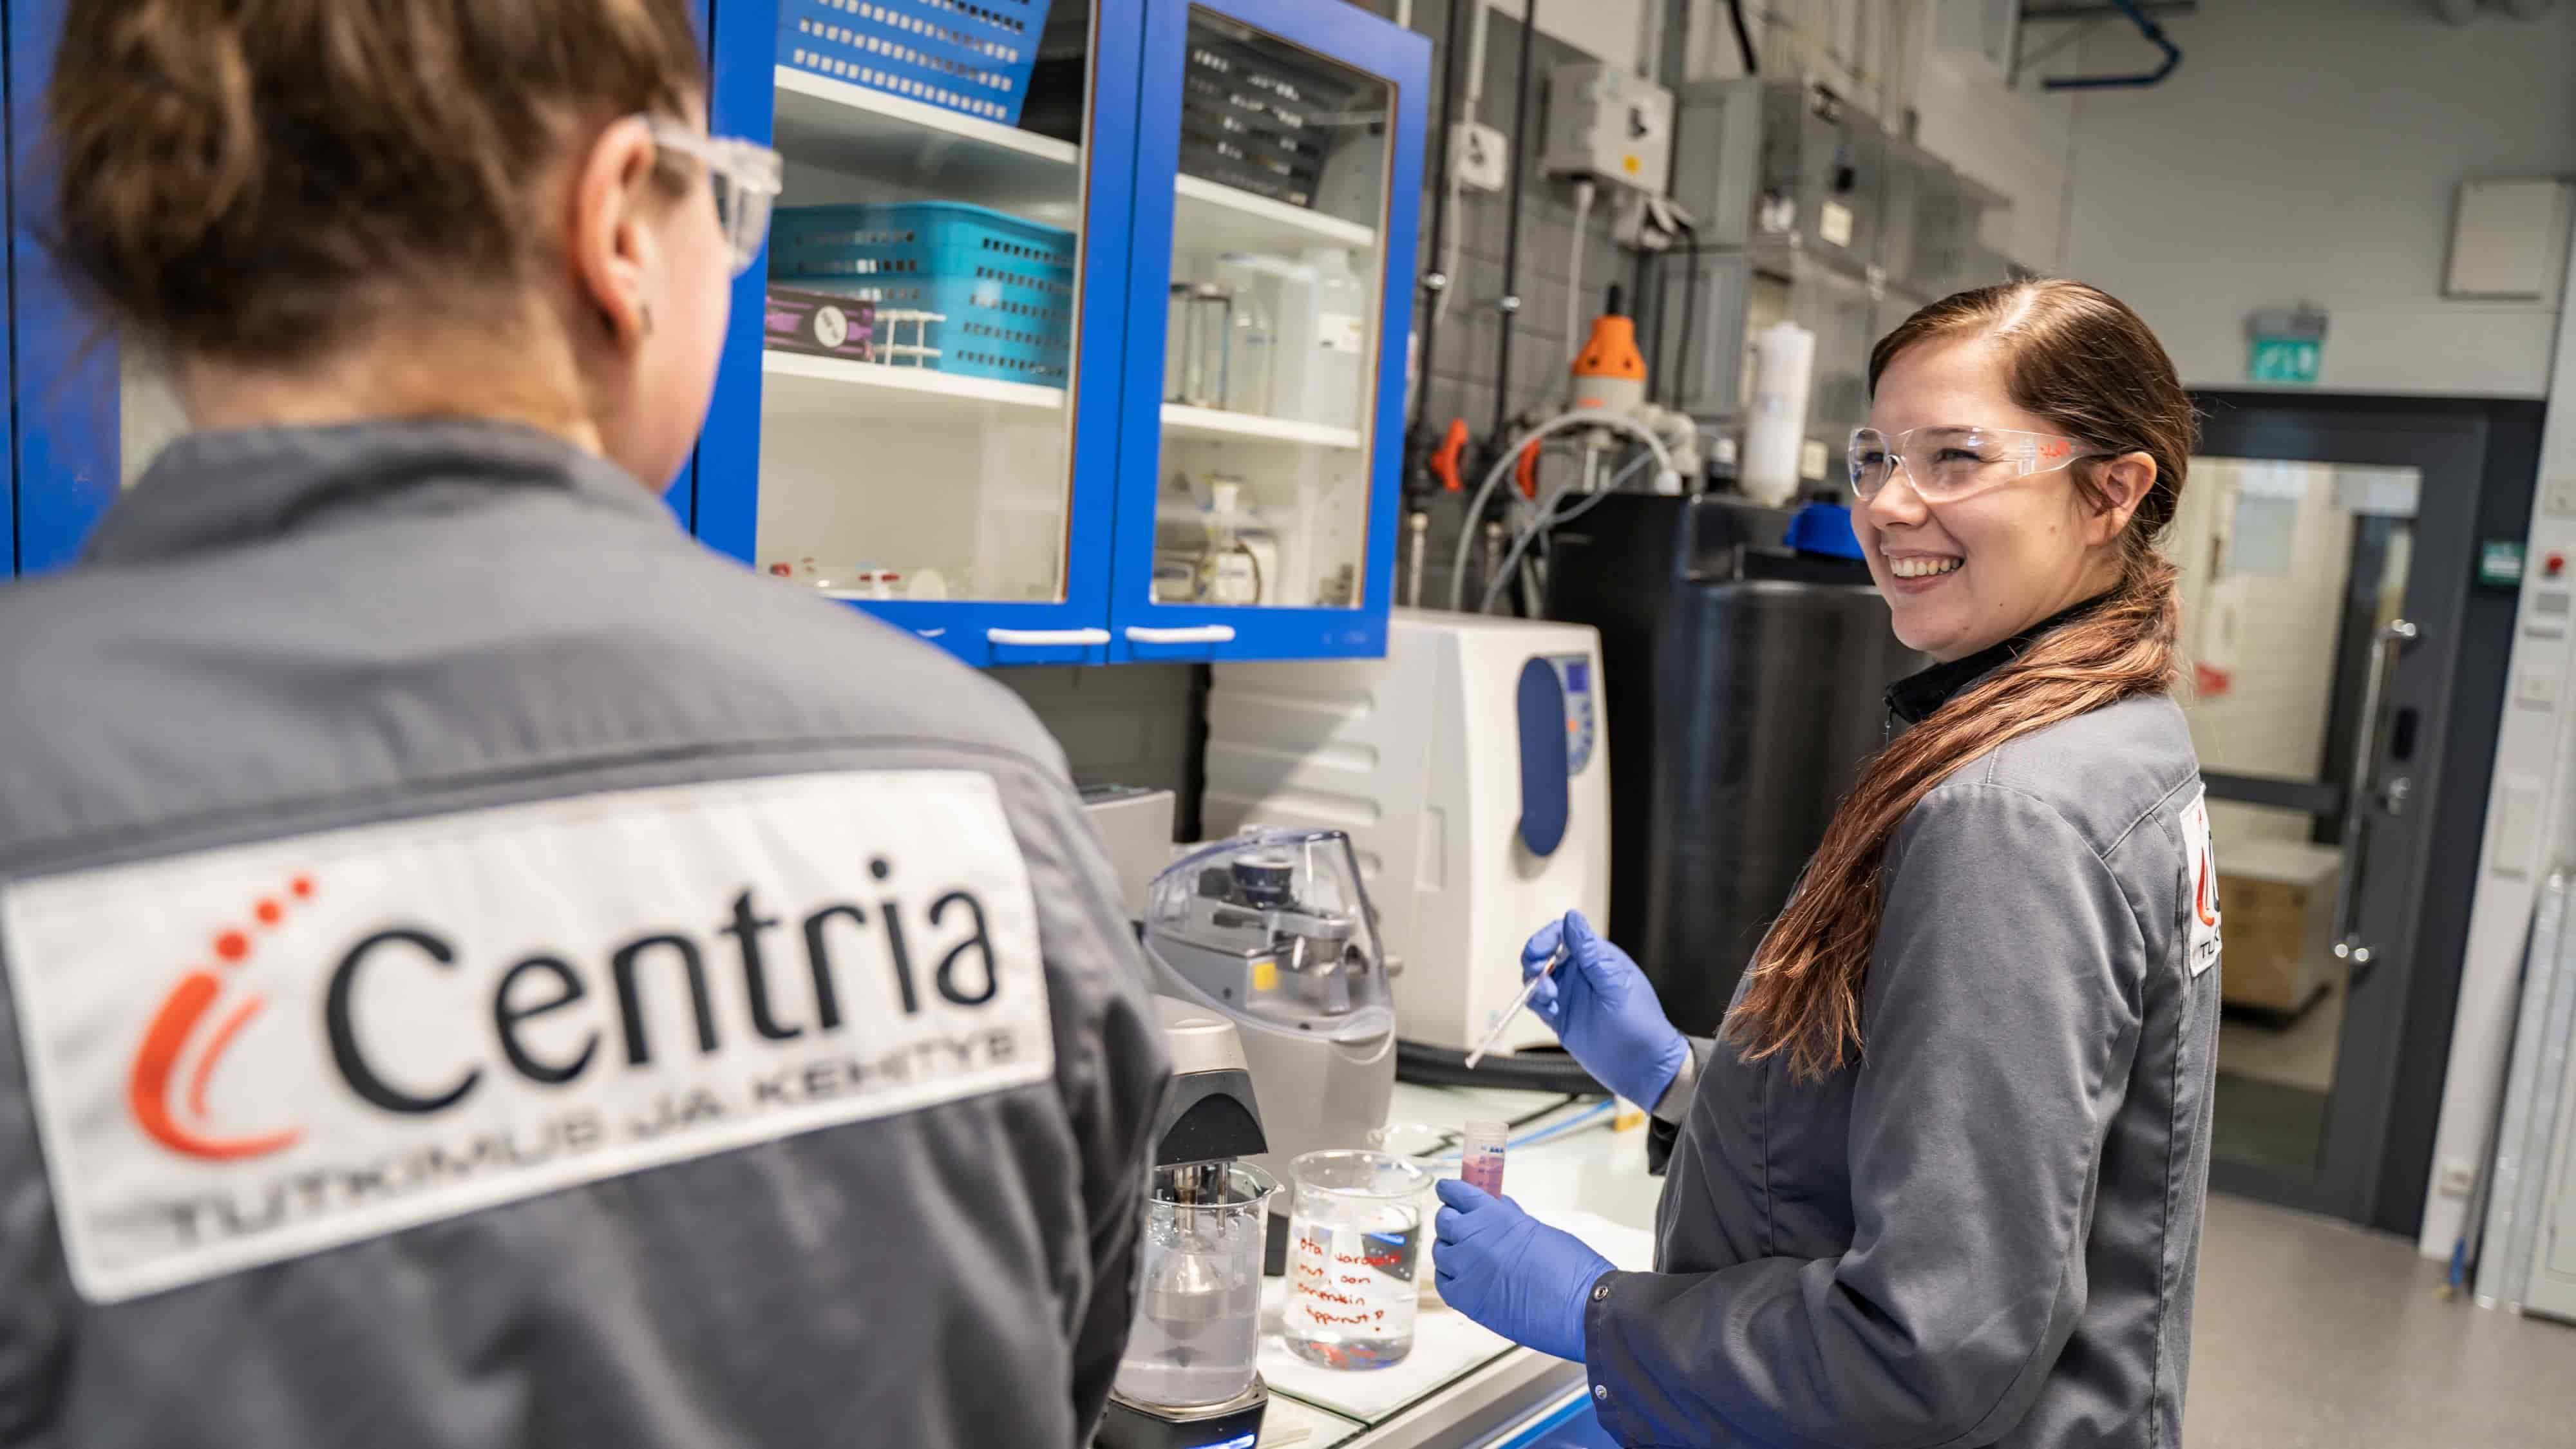 Centria_Tutkimus- ja kehitys_16x9